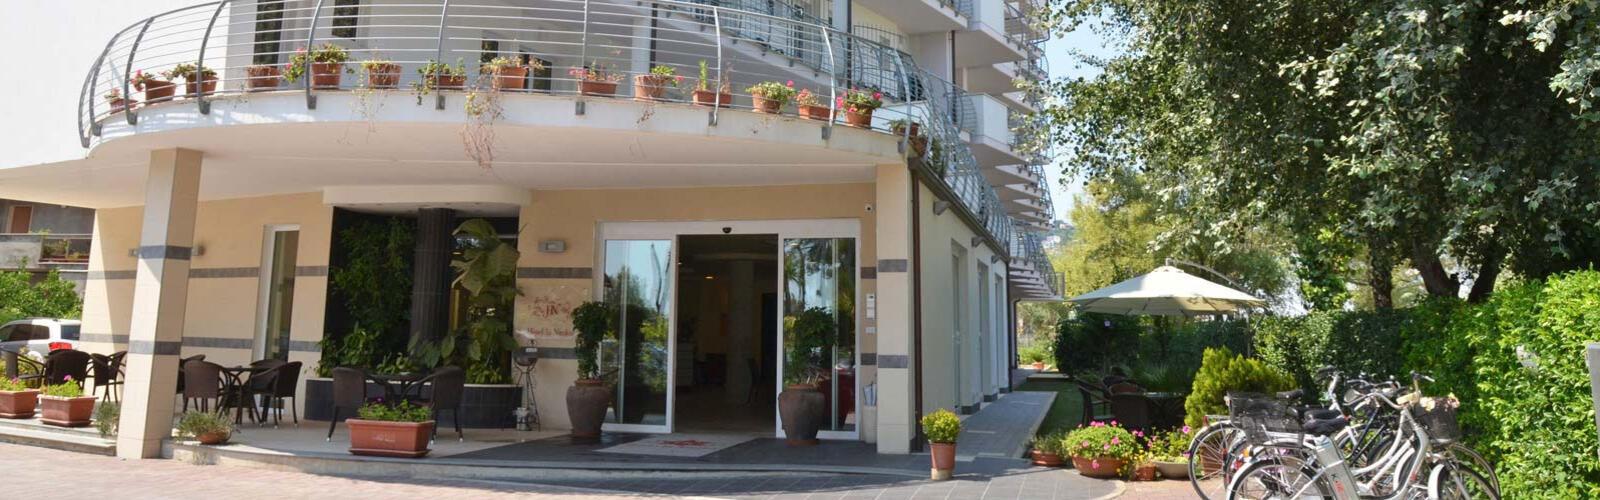 hotellaninfea it domande 003